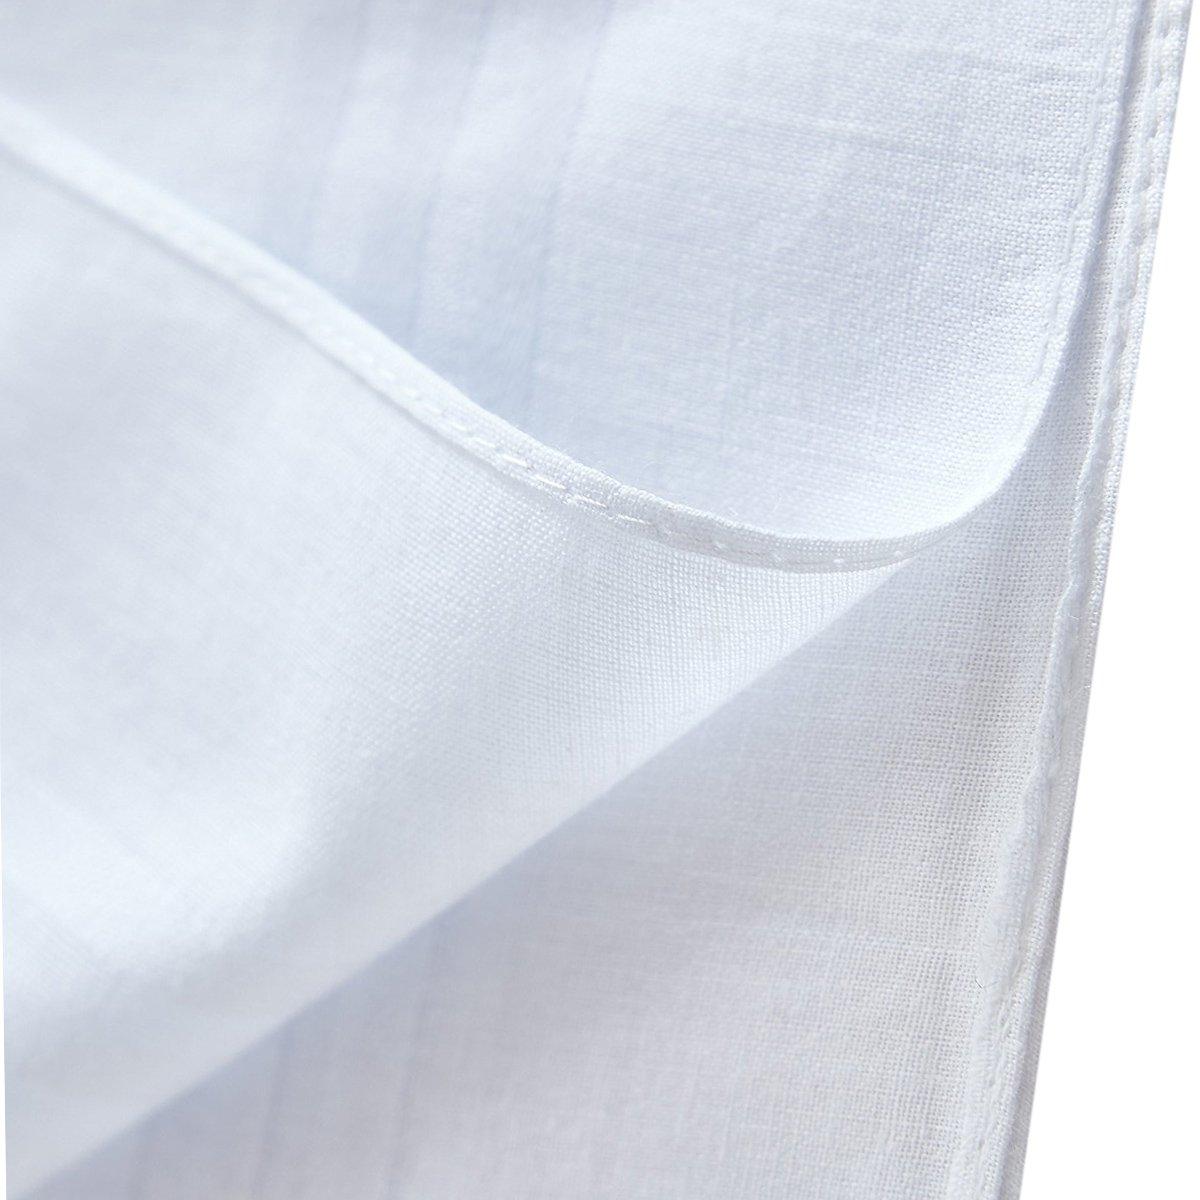 LACS Men's Solid White Cotton Handkerchiefs Pack by LACS Handkerchiefs (Image #6)